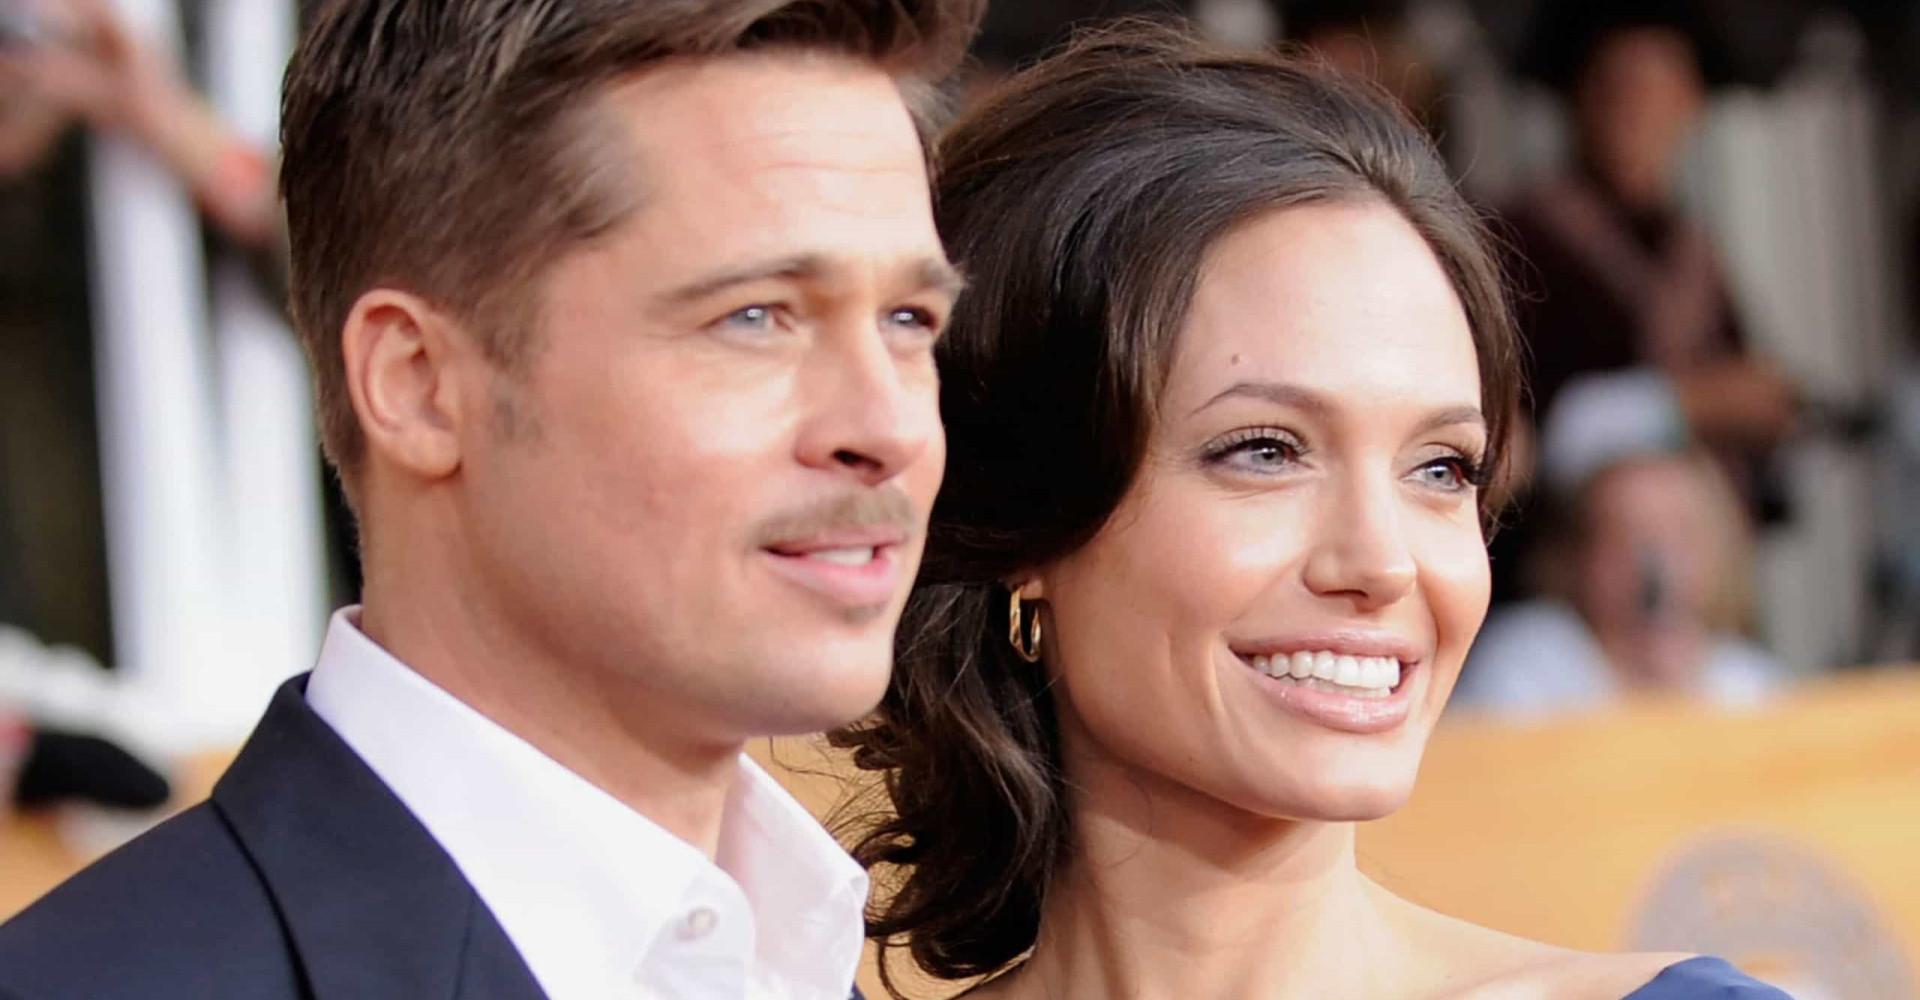 Ugly celebrity divorces that will make you cringe